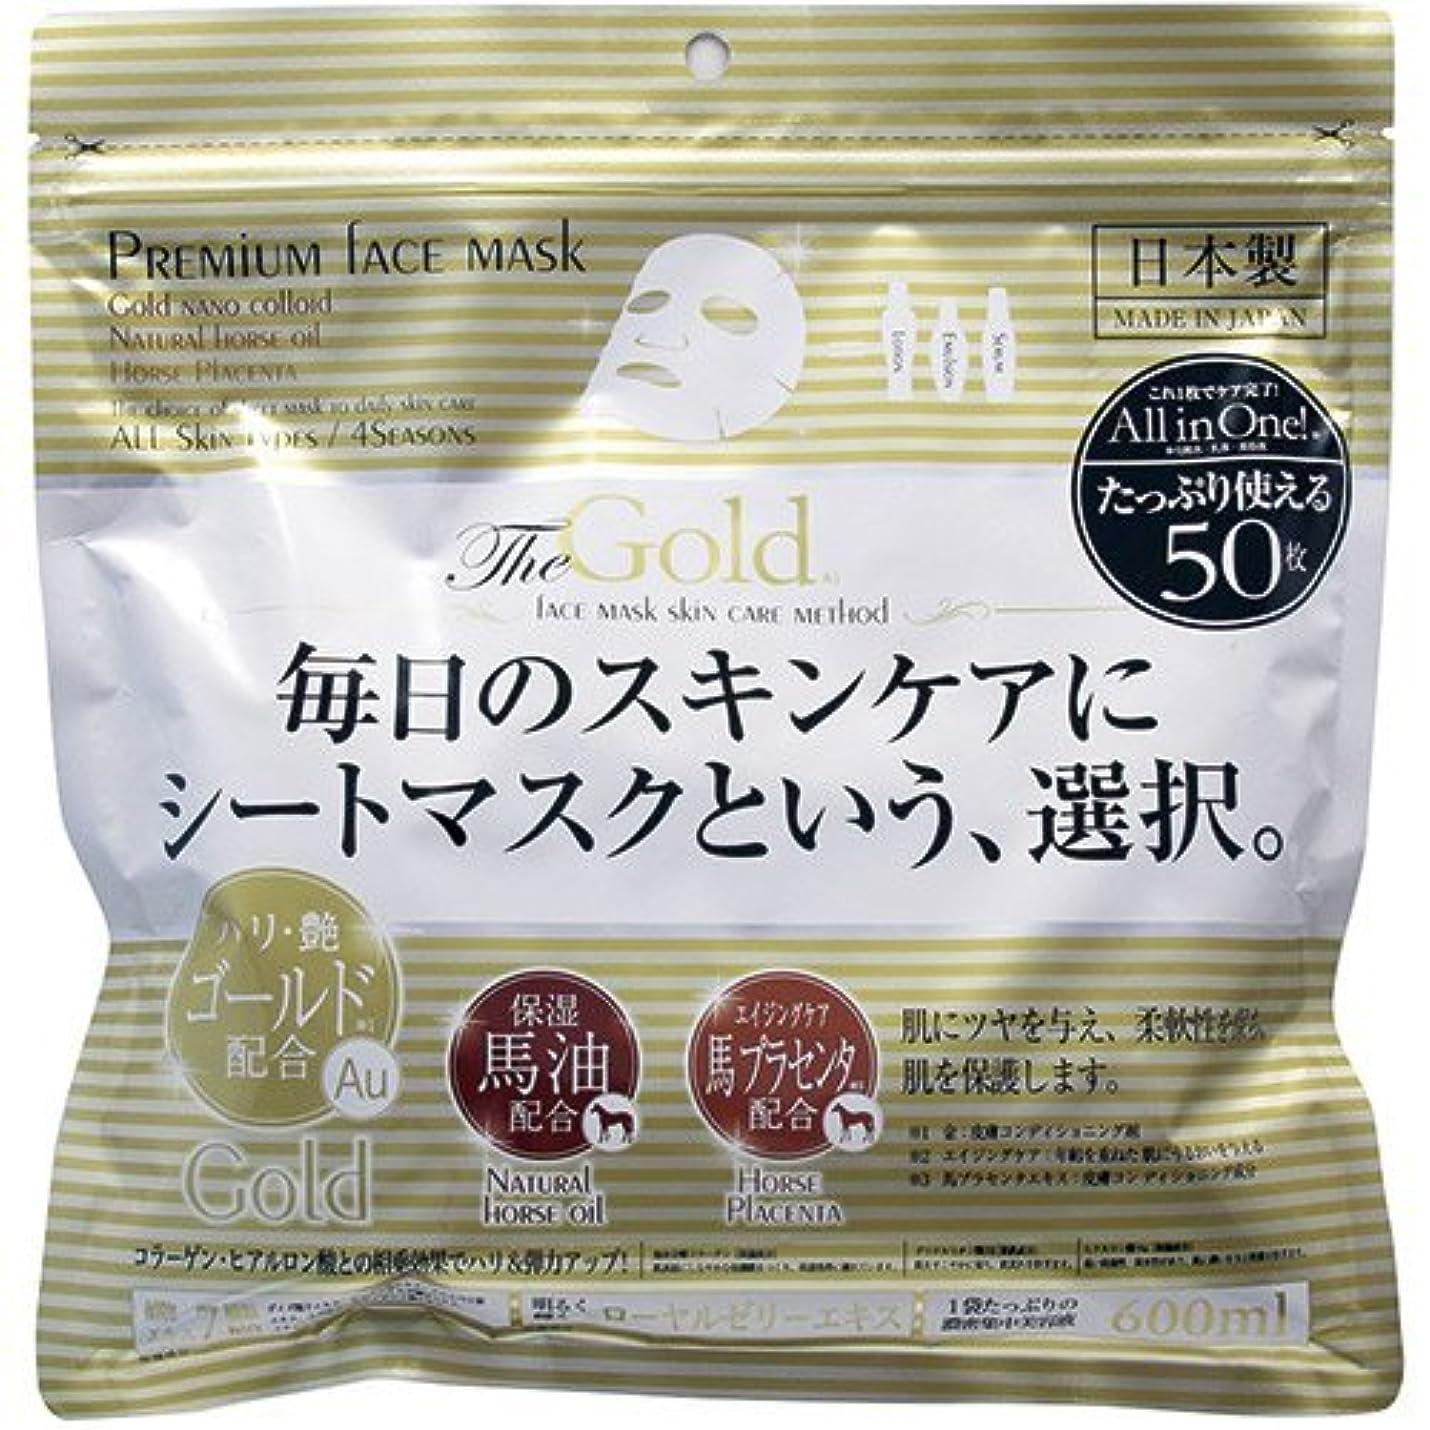 揮発性影響力のあるフレット【進製作所】プレミアムフェイスマスク ゴールド 50枚 ×20個セット